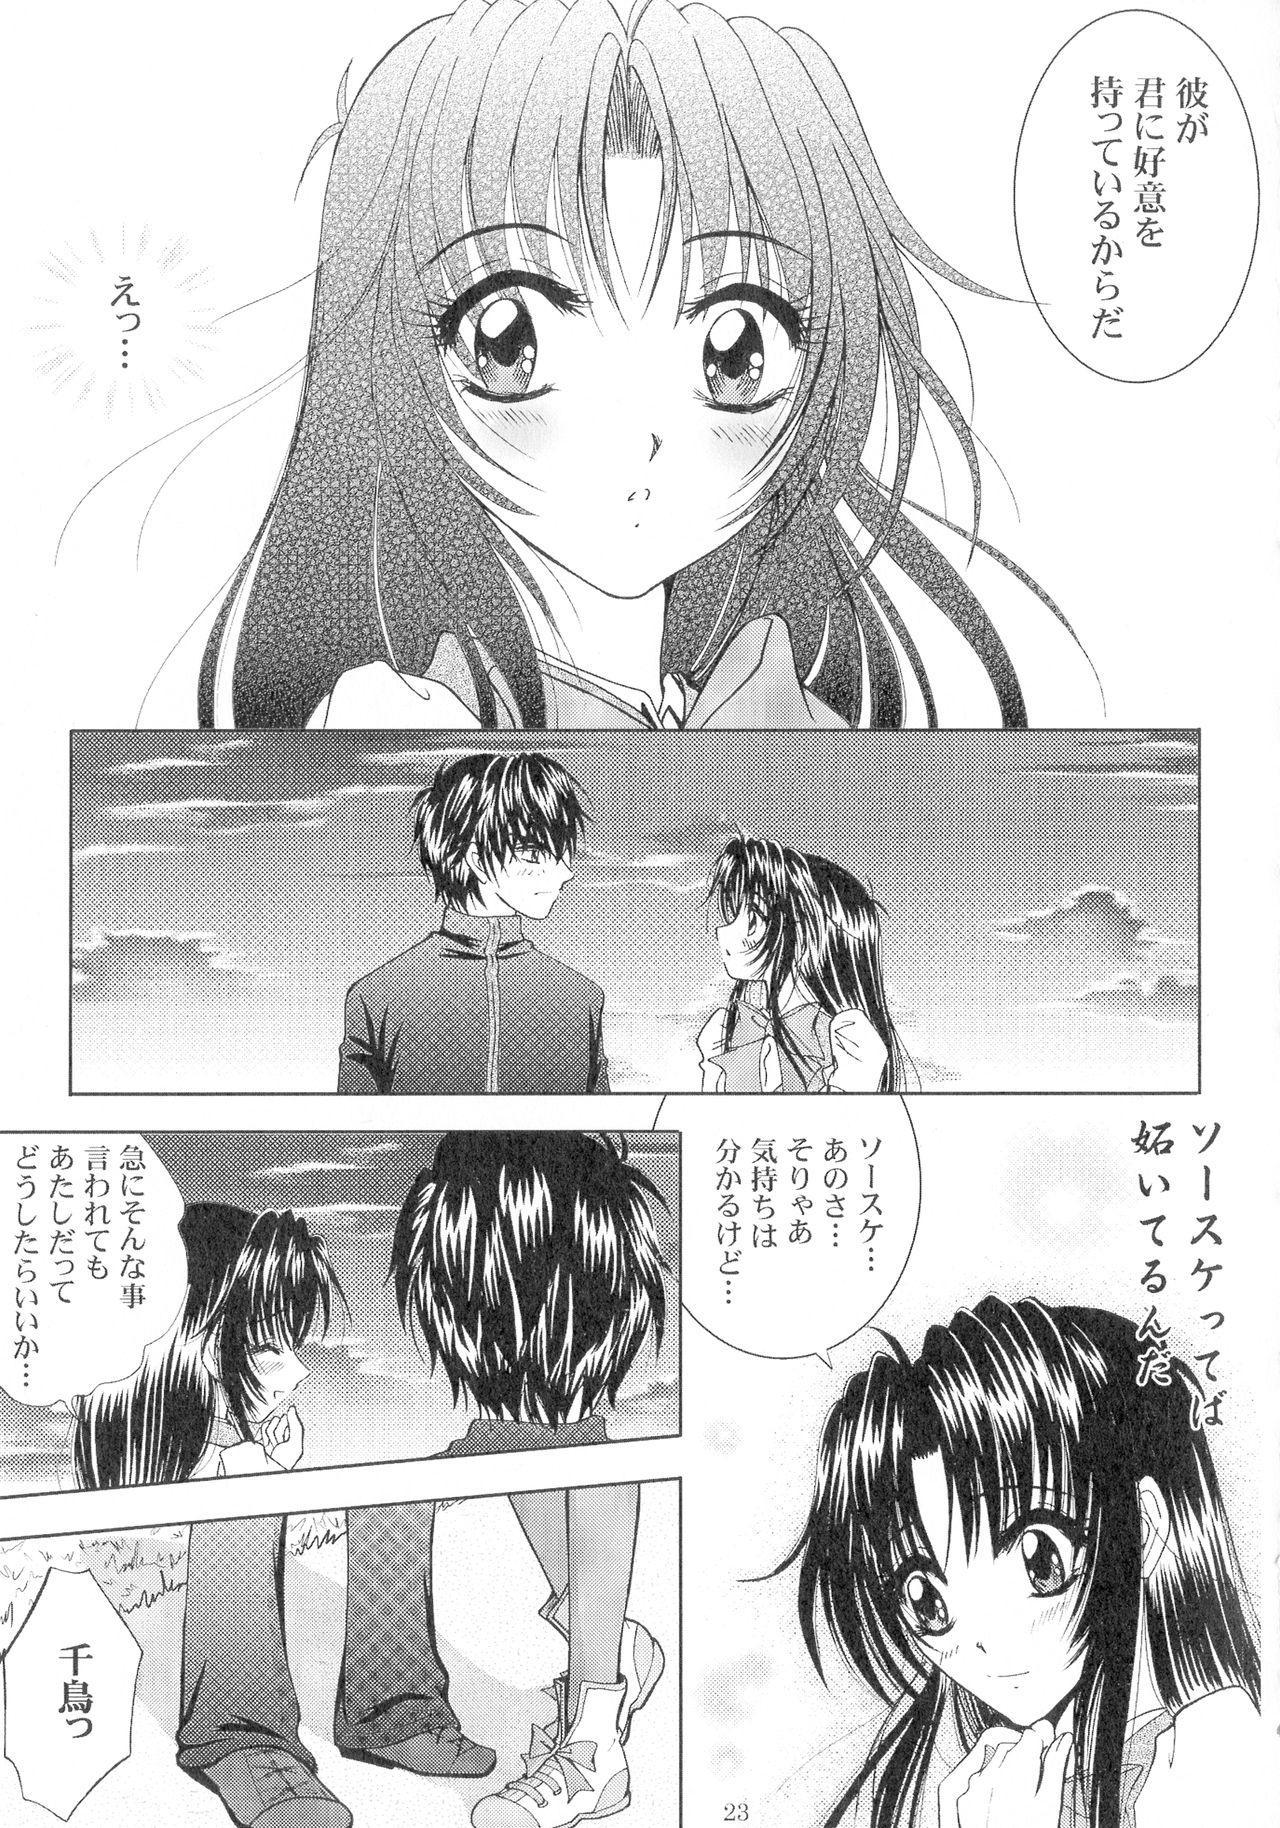 SEXY PANIC Sairokushuu Vol. 4 23